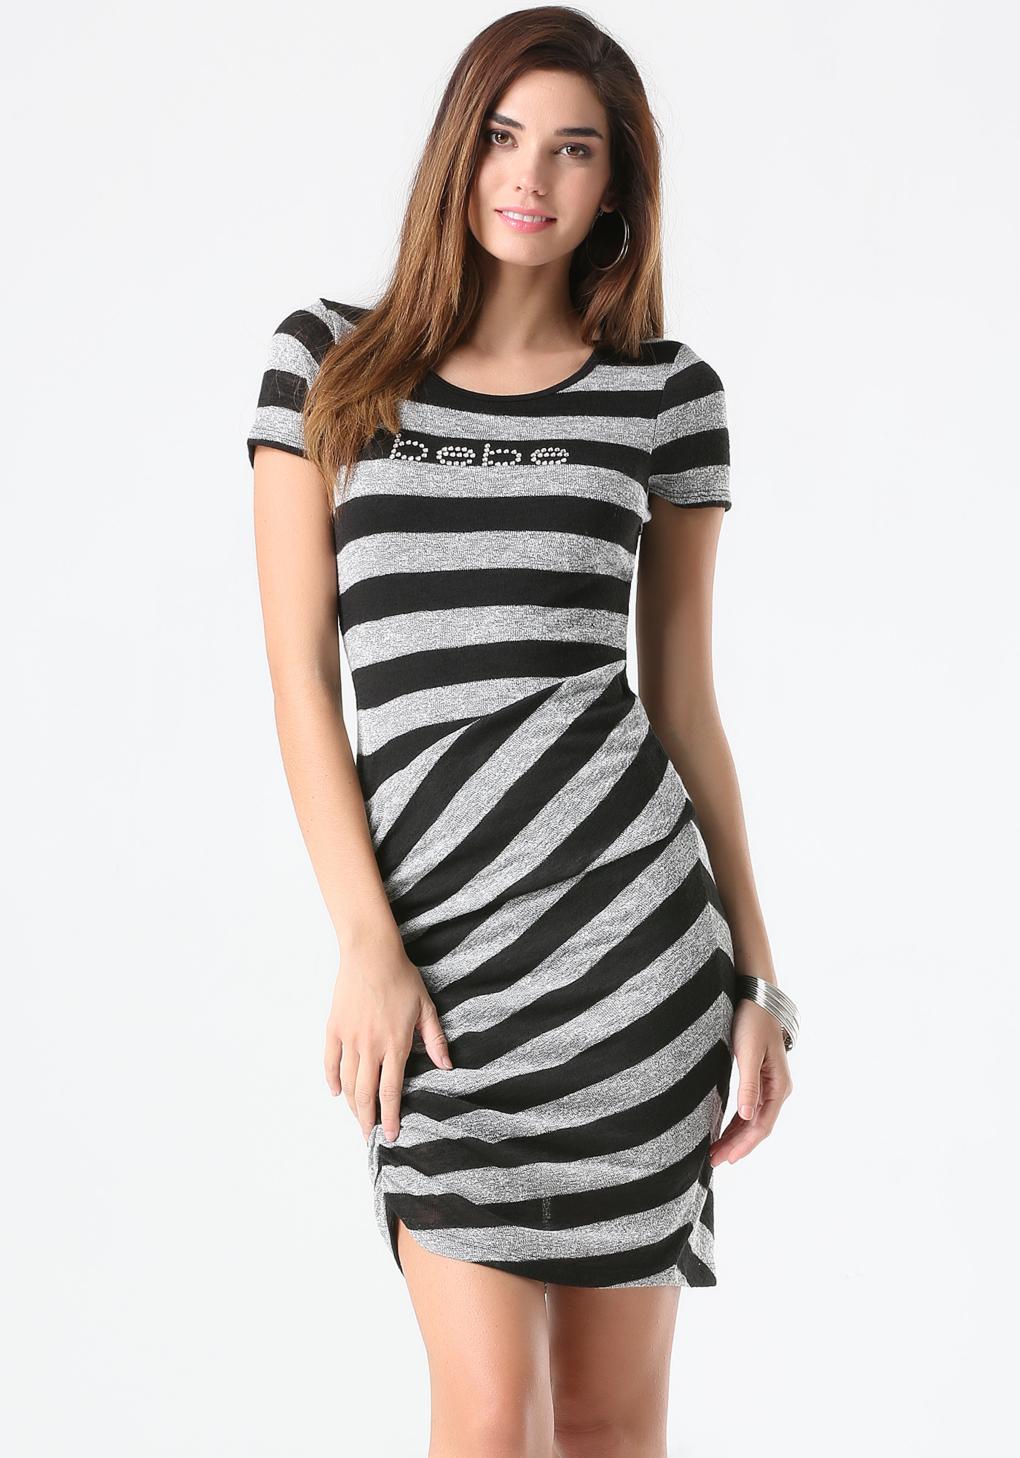 2d311899ac8 Bebe Logo Striped Sweater Dress in Black - Lyst